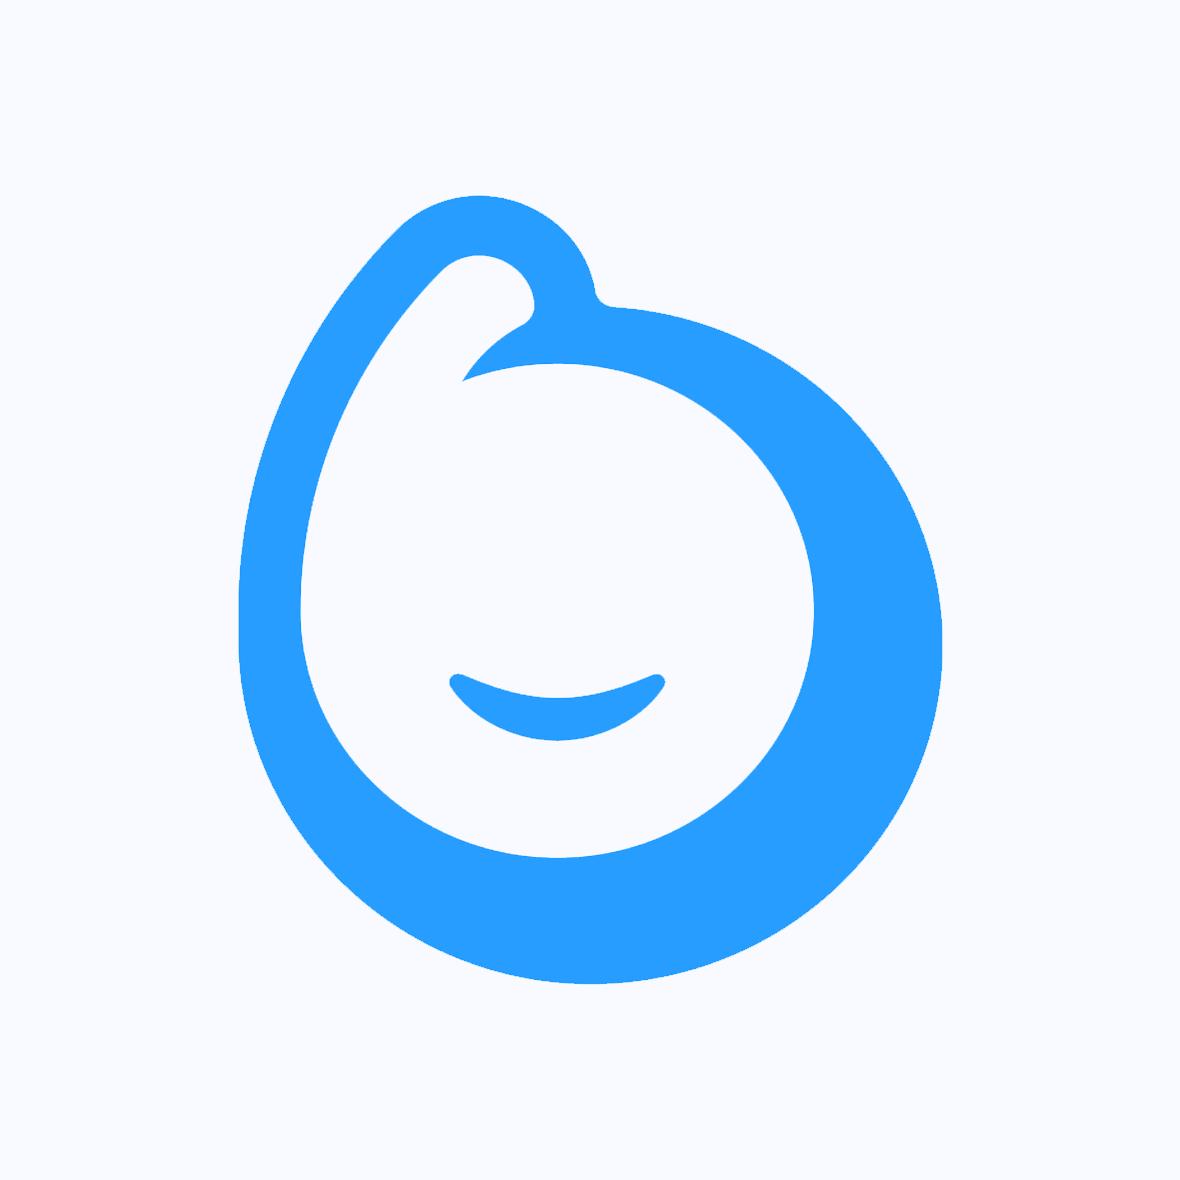 Blue Receipt